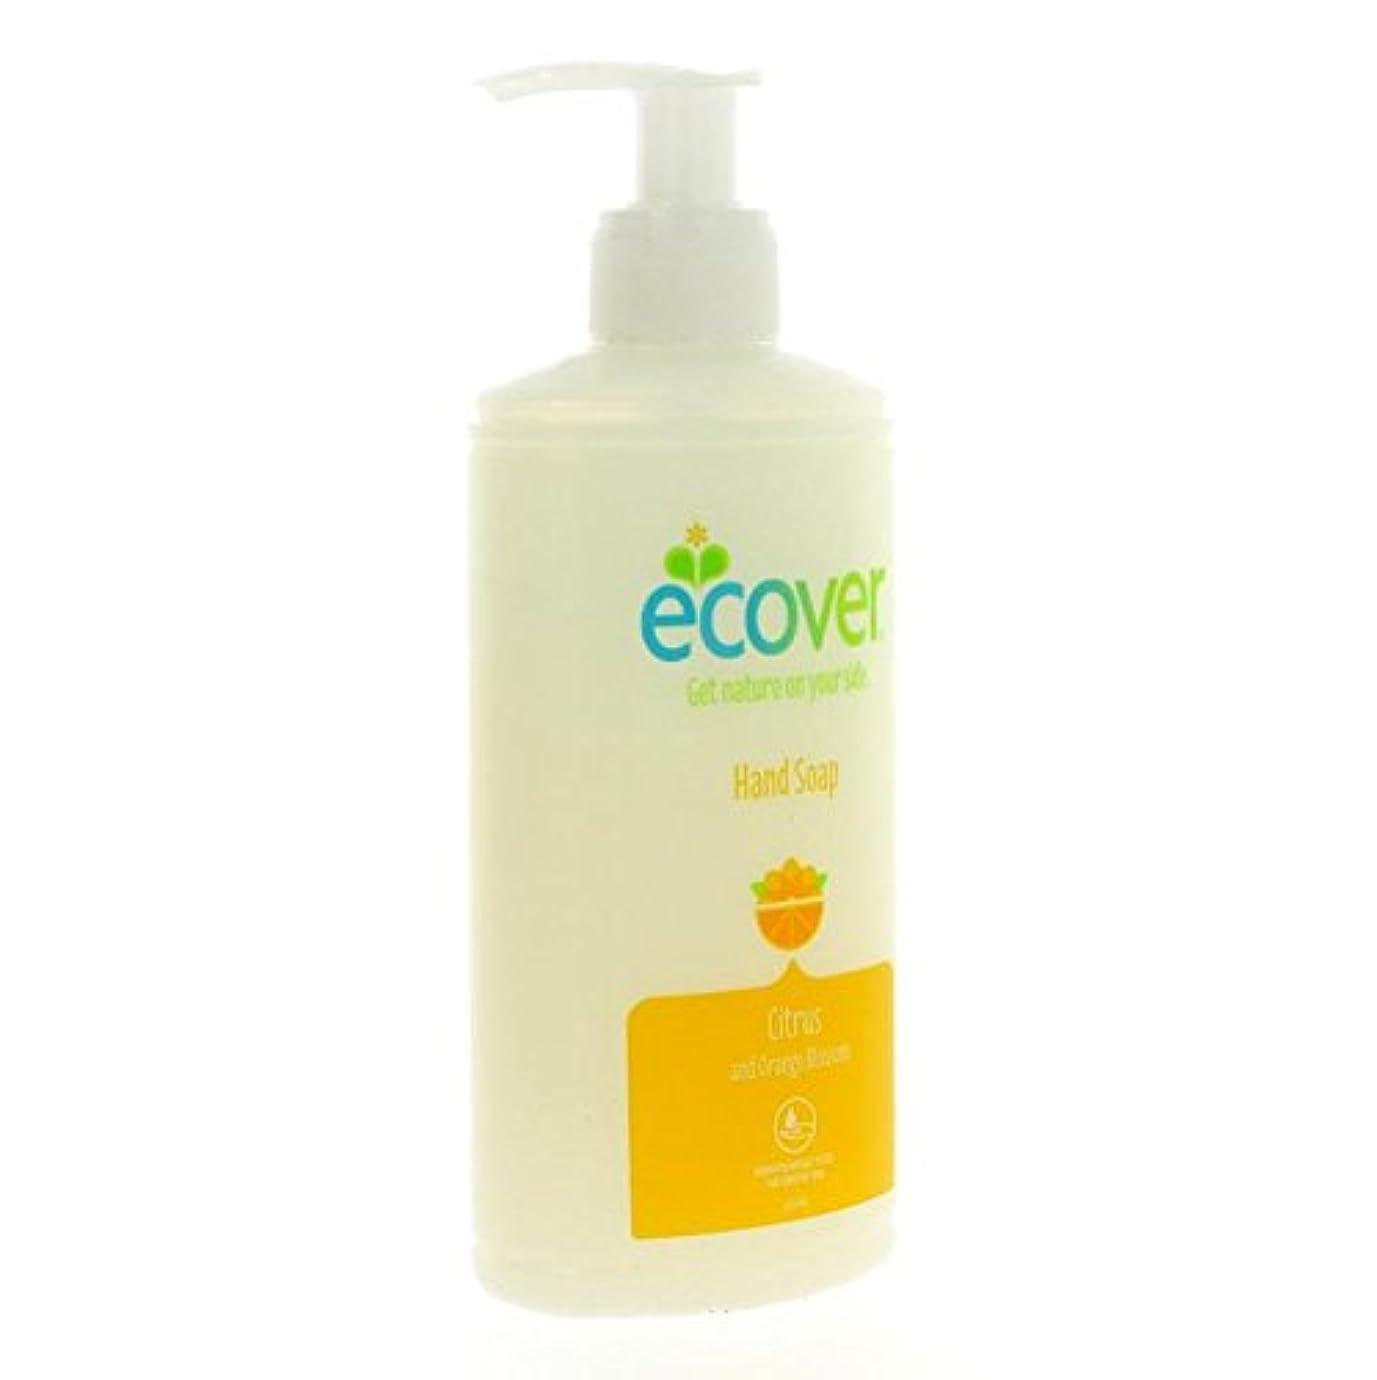 電話また明日ね敬Ecover - Hand Soap - Citrus and Orange Blossom - 250ml (Case of 6)